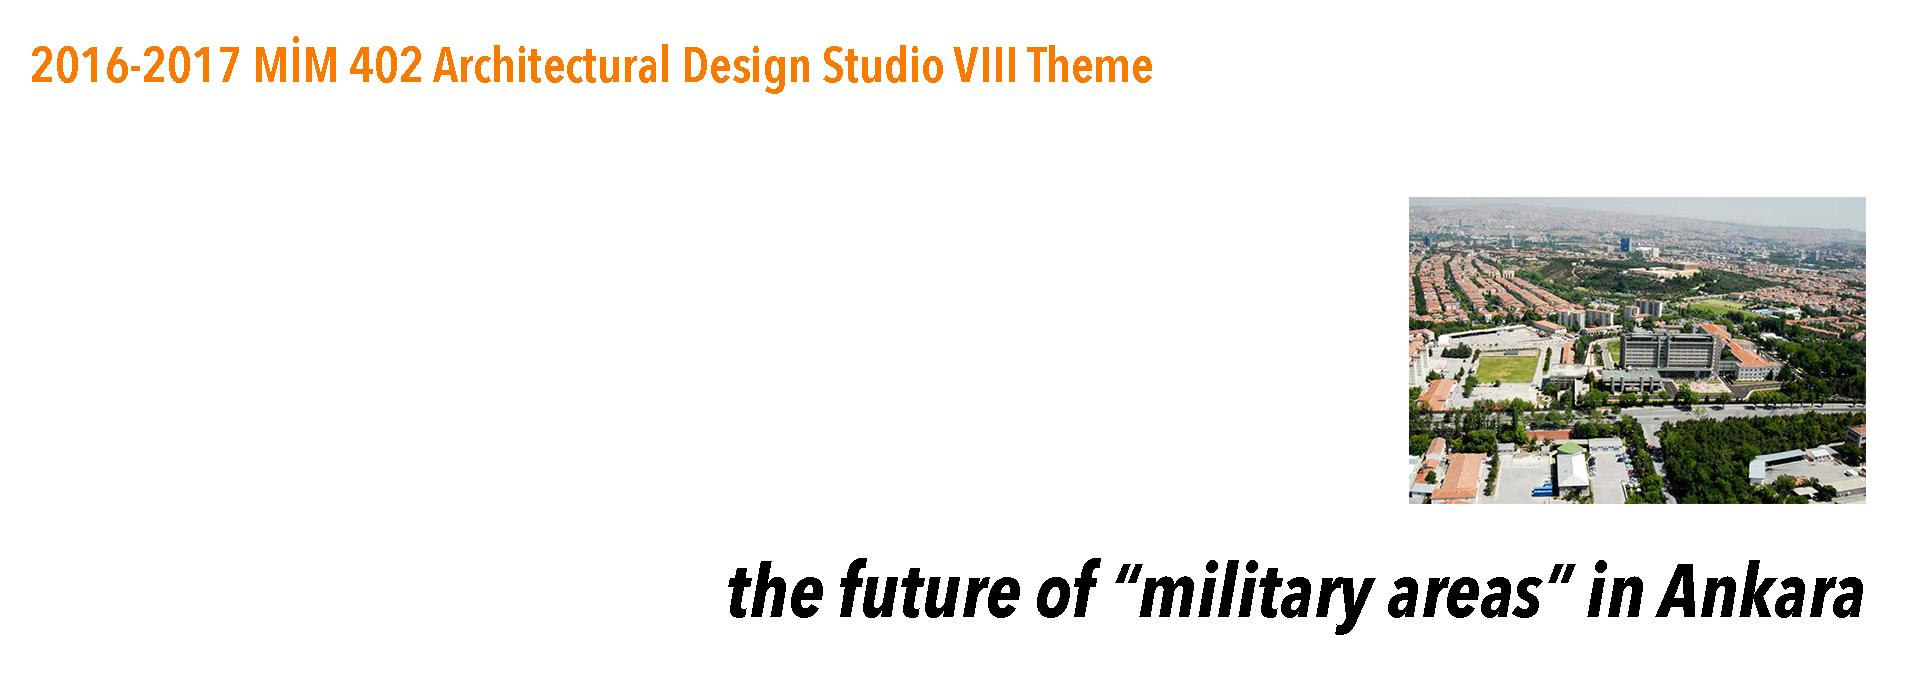 2016-2017 Studio Theme